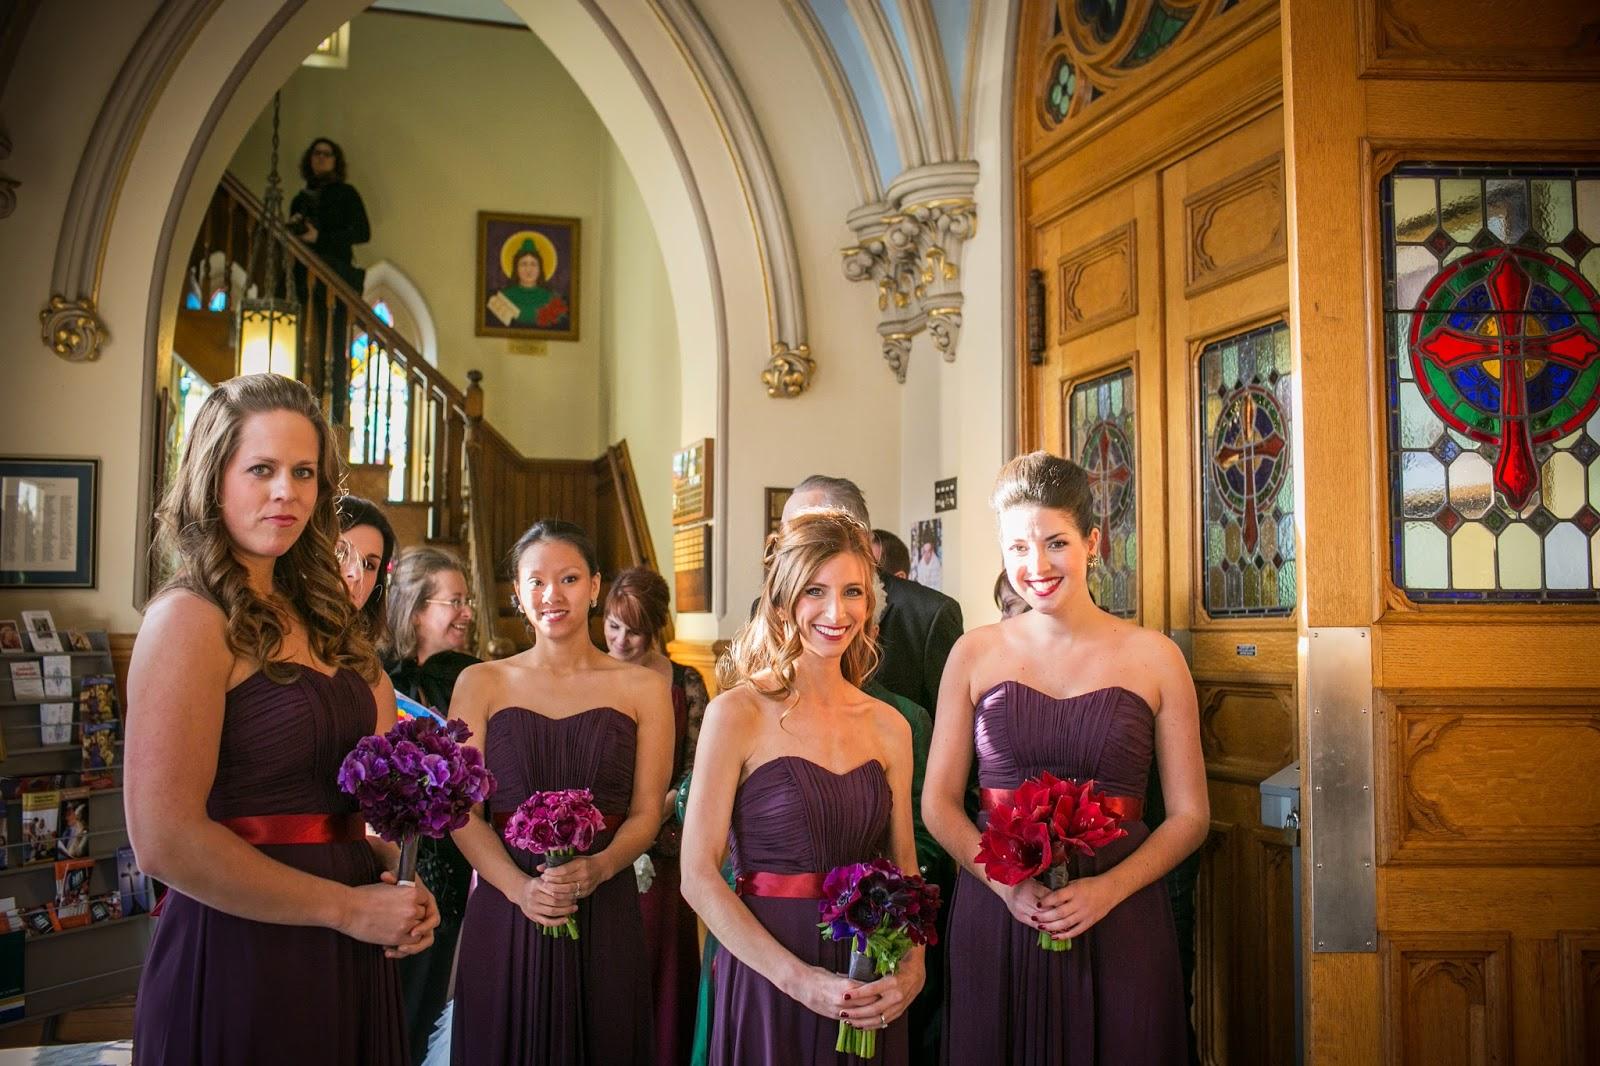 purple sweetpea : purple ranunculas : red amaryllius : purple anemonie : les fleurs